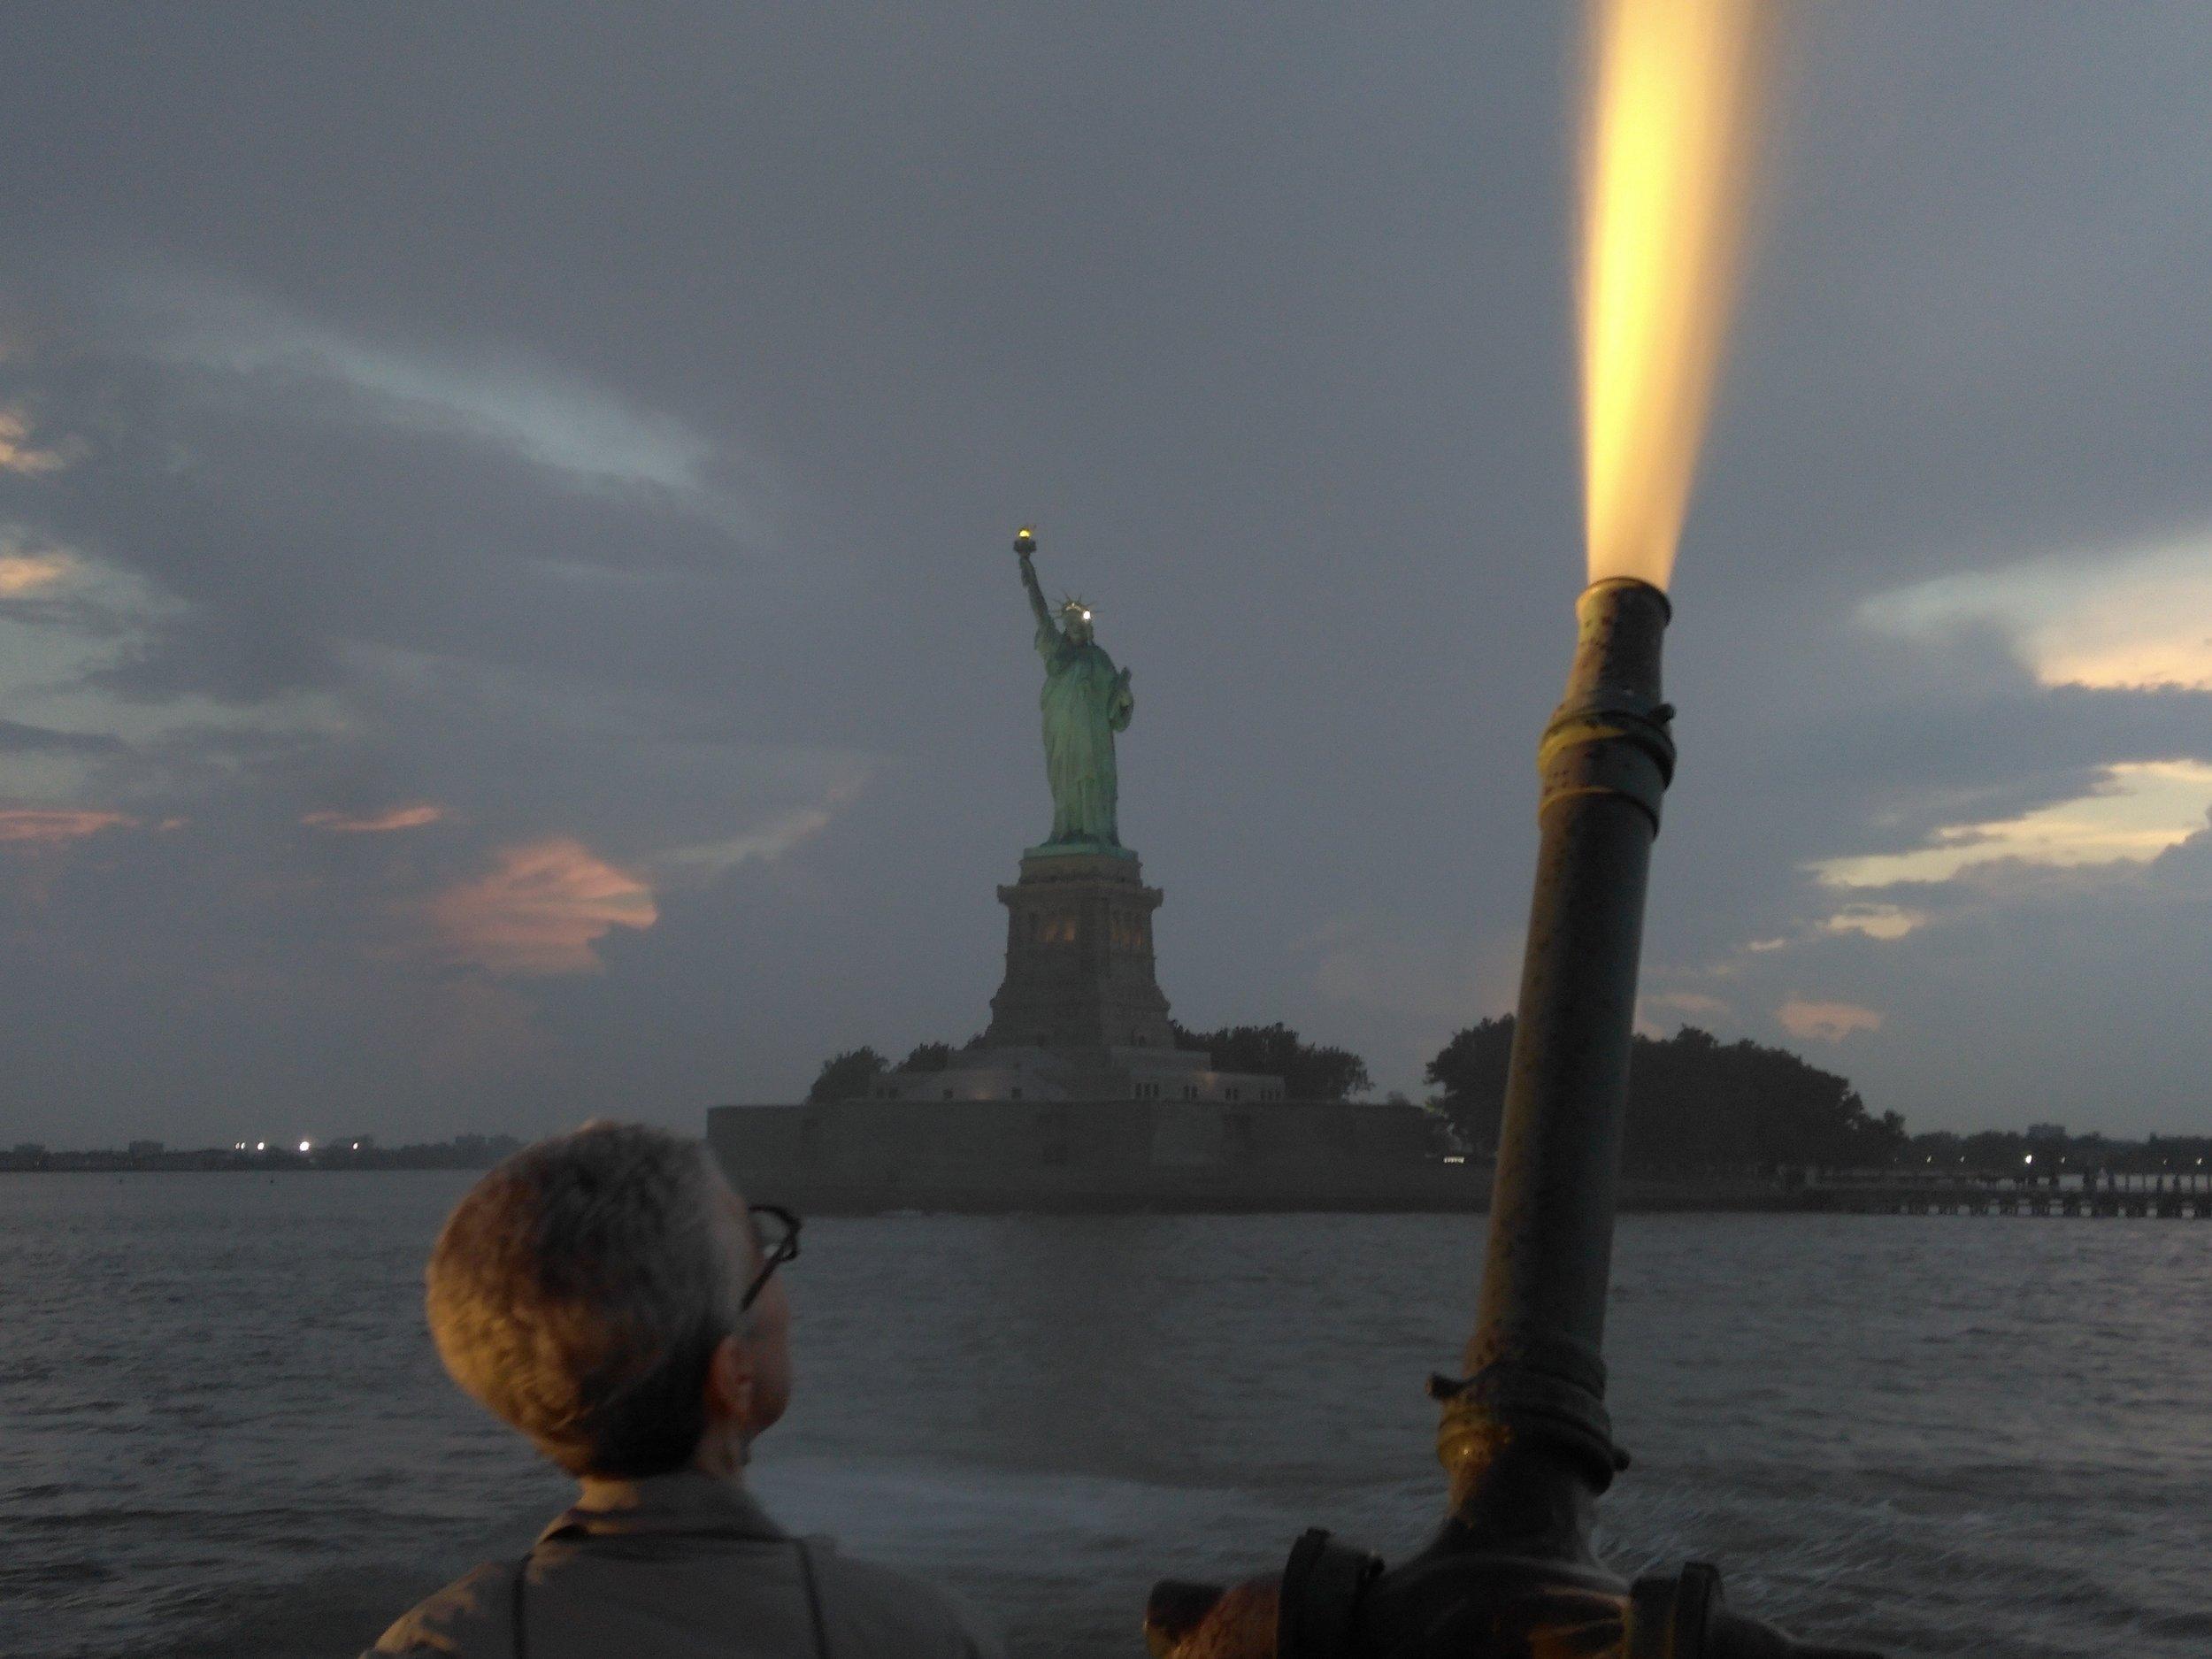 Fireboat firing water